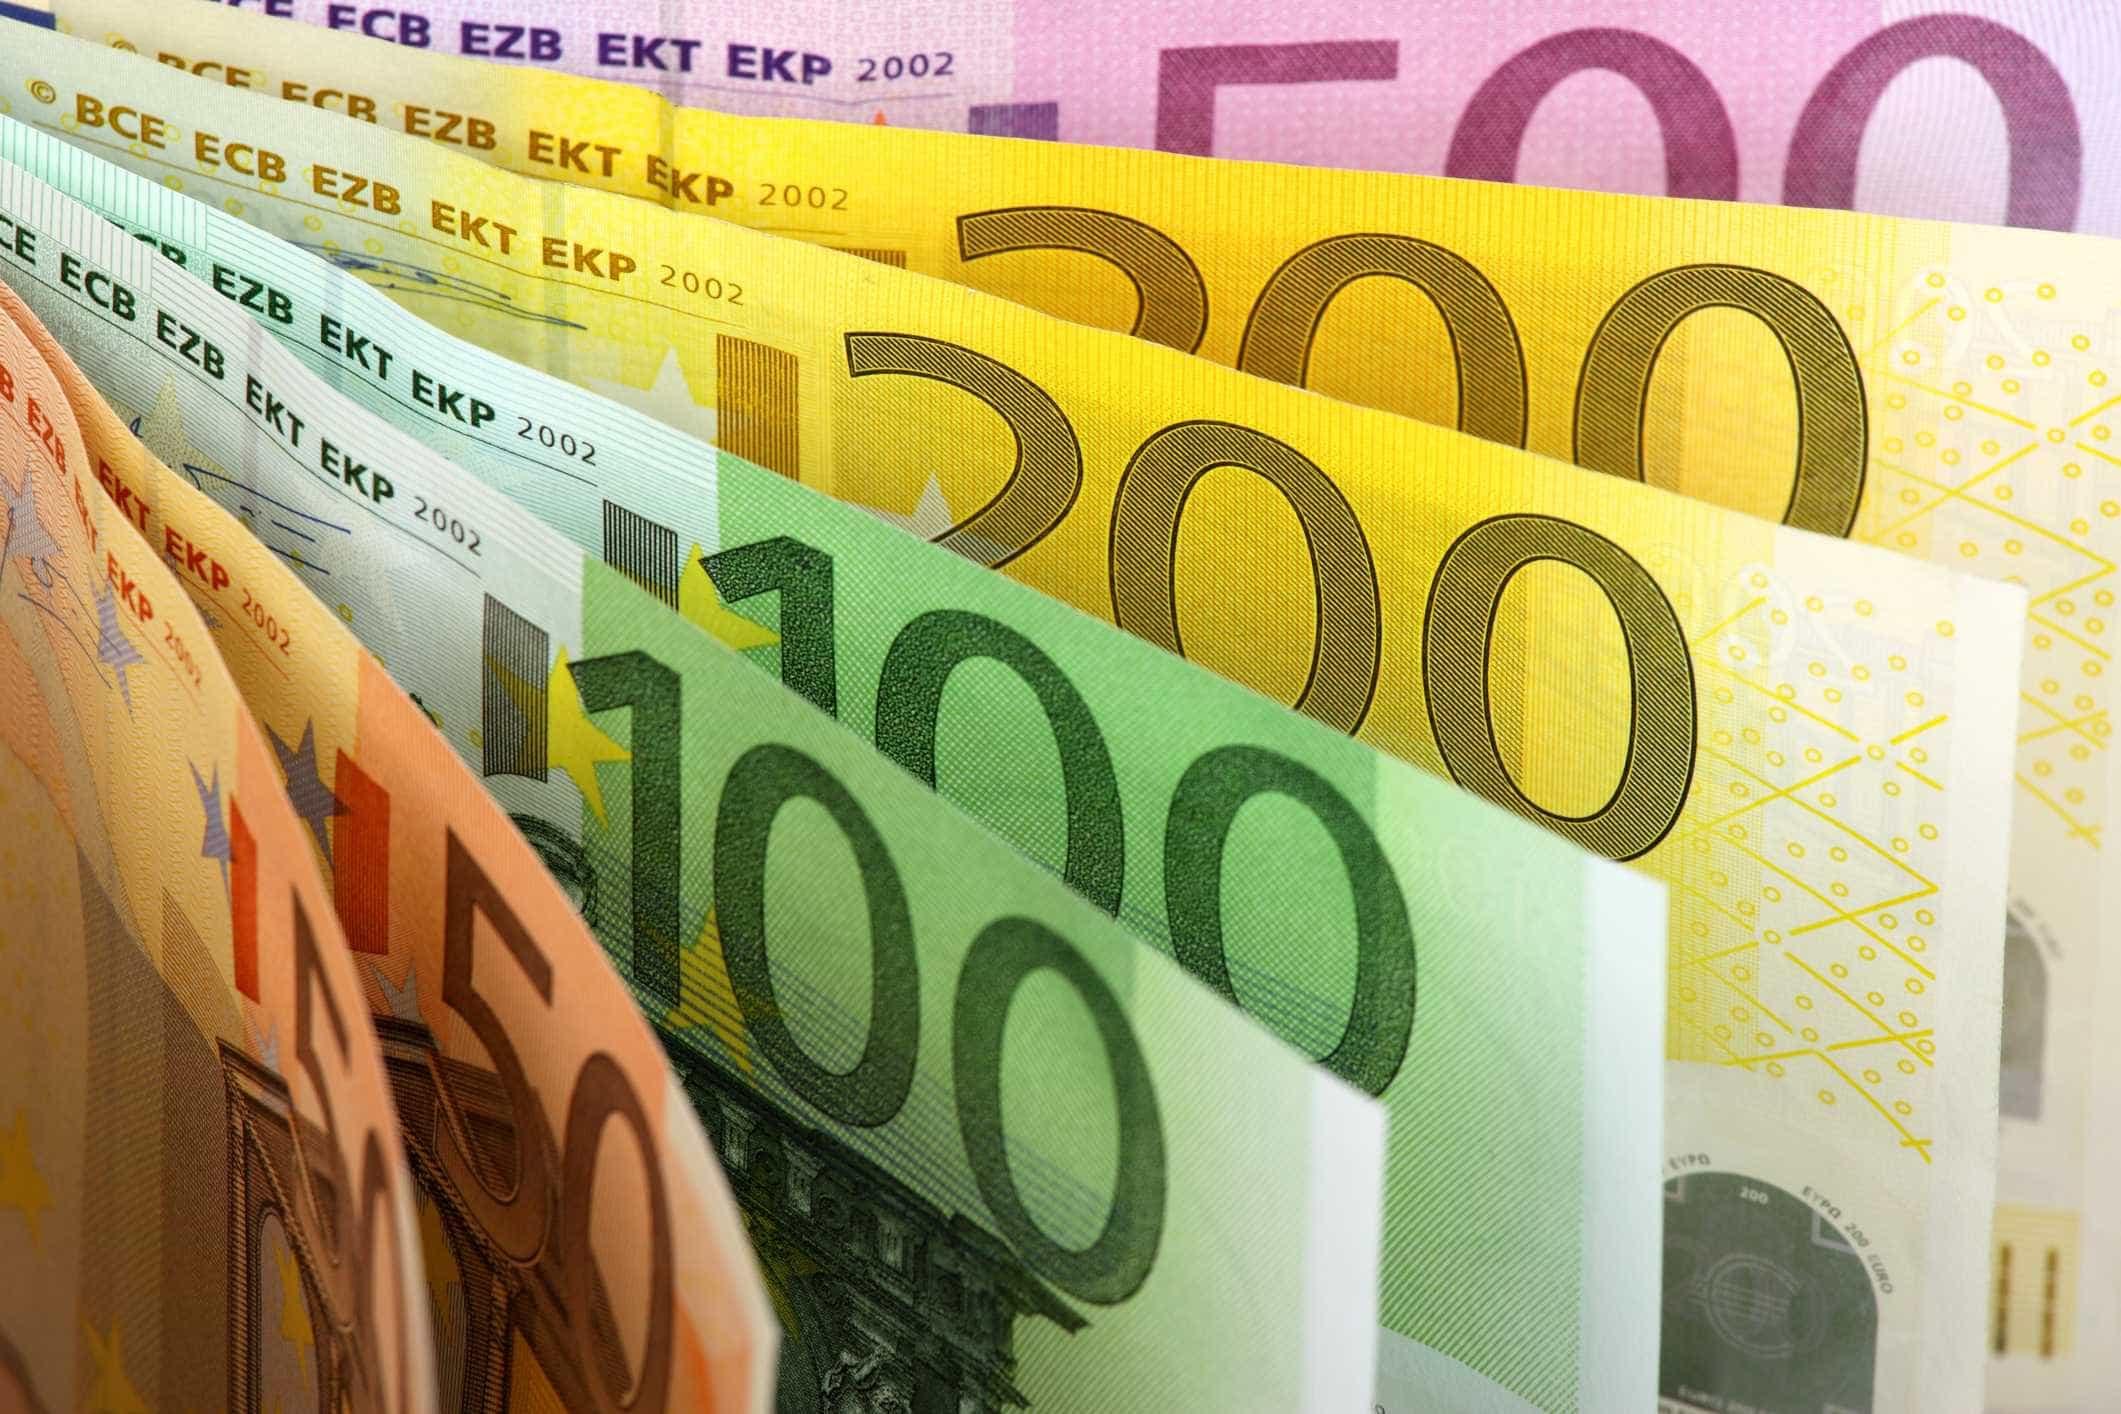 Bancos com créditos fiscais por impostos vão criar depósitos para Estado